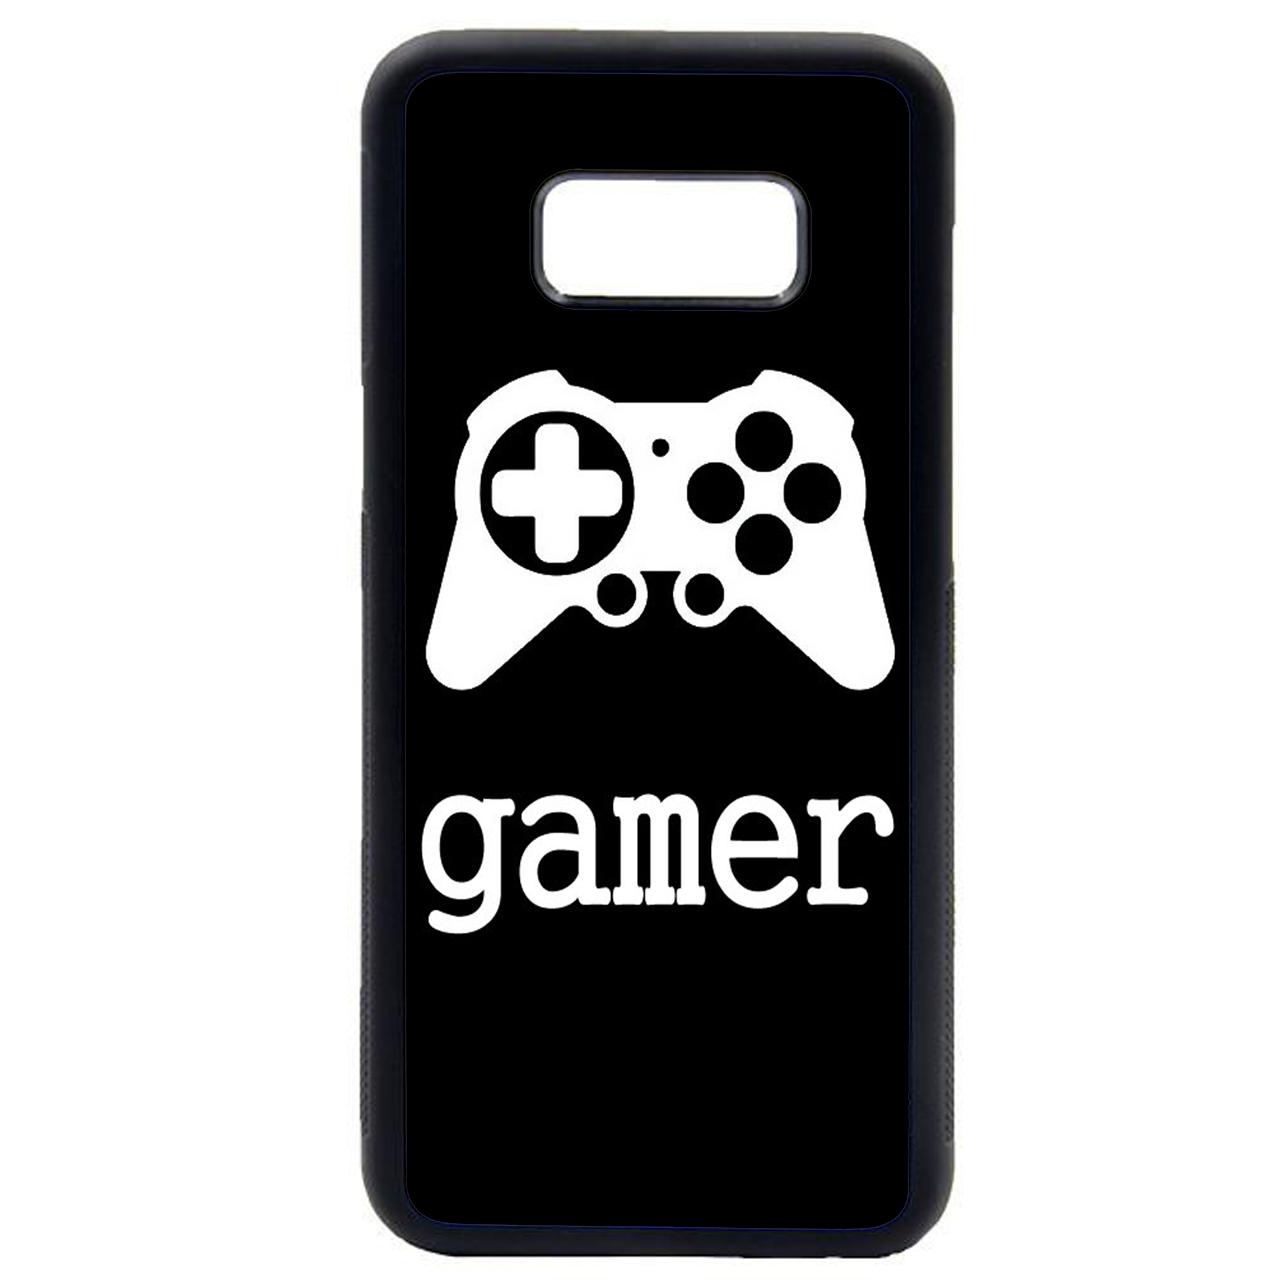 کاور طرح gamer کد 8050 مناسب برای گوشی موبایل سامسونگ galaxy s8